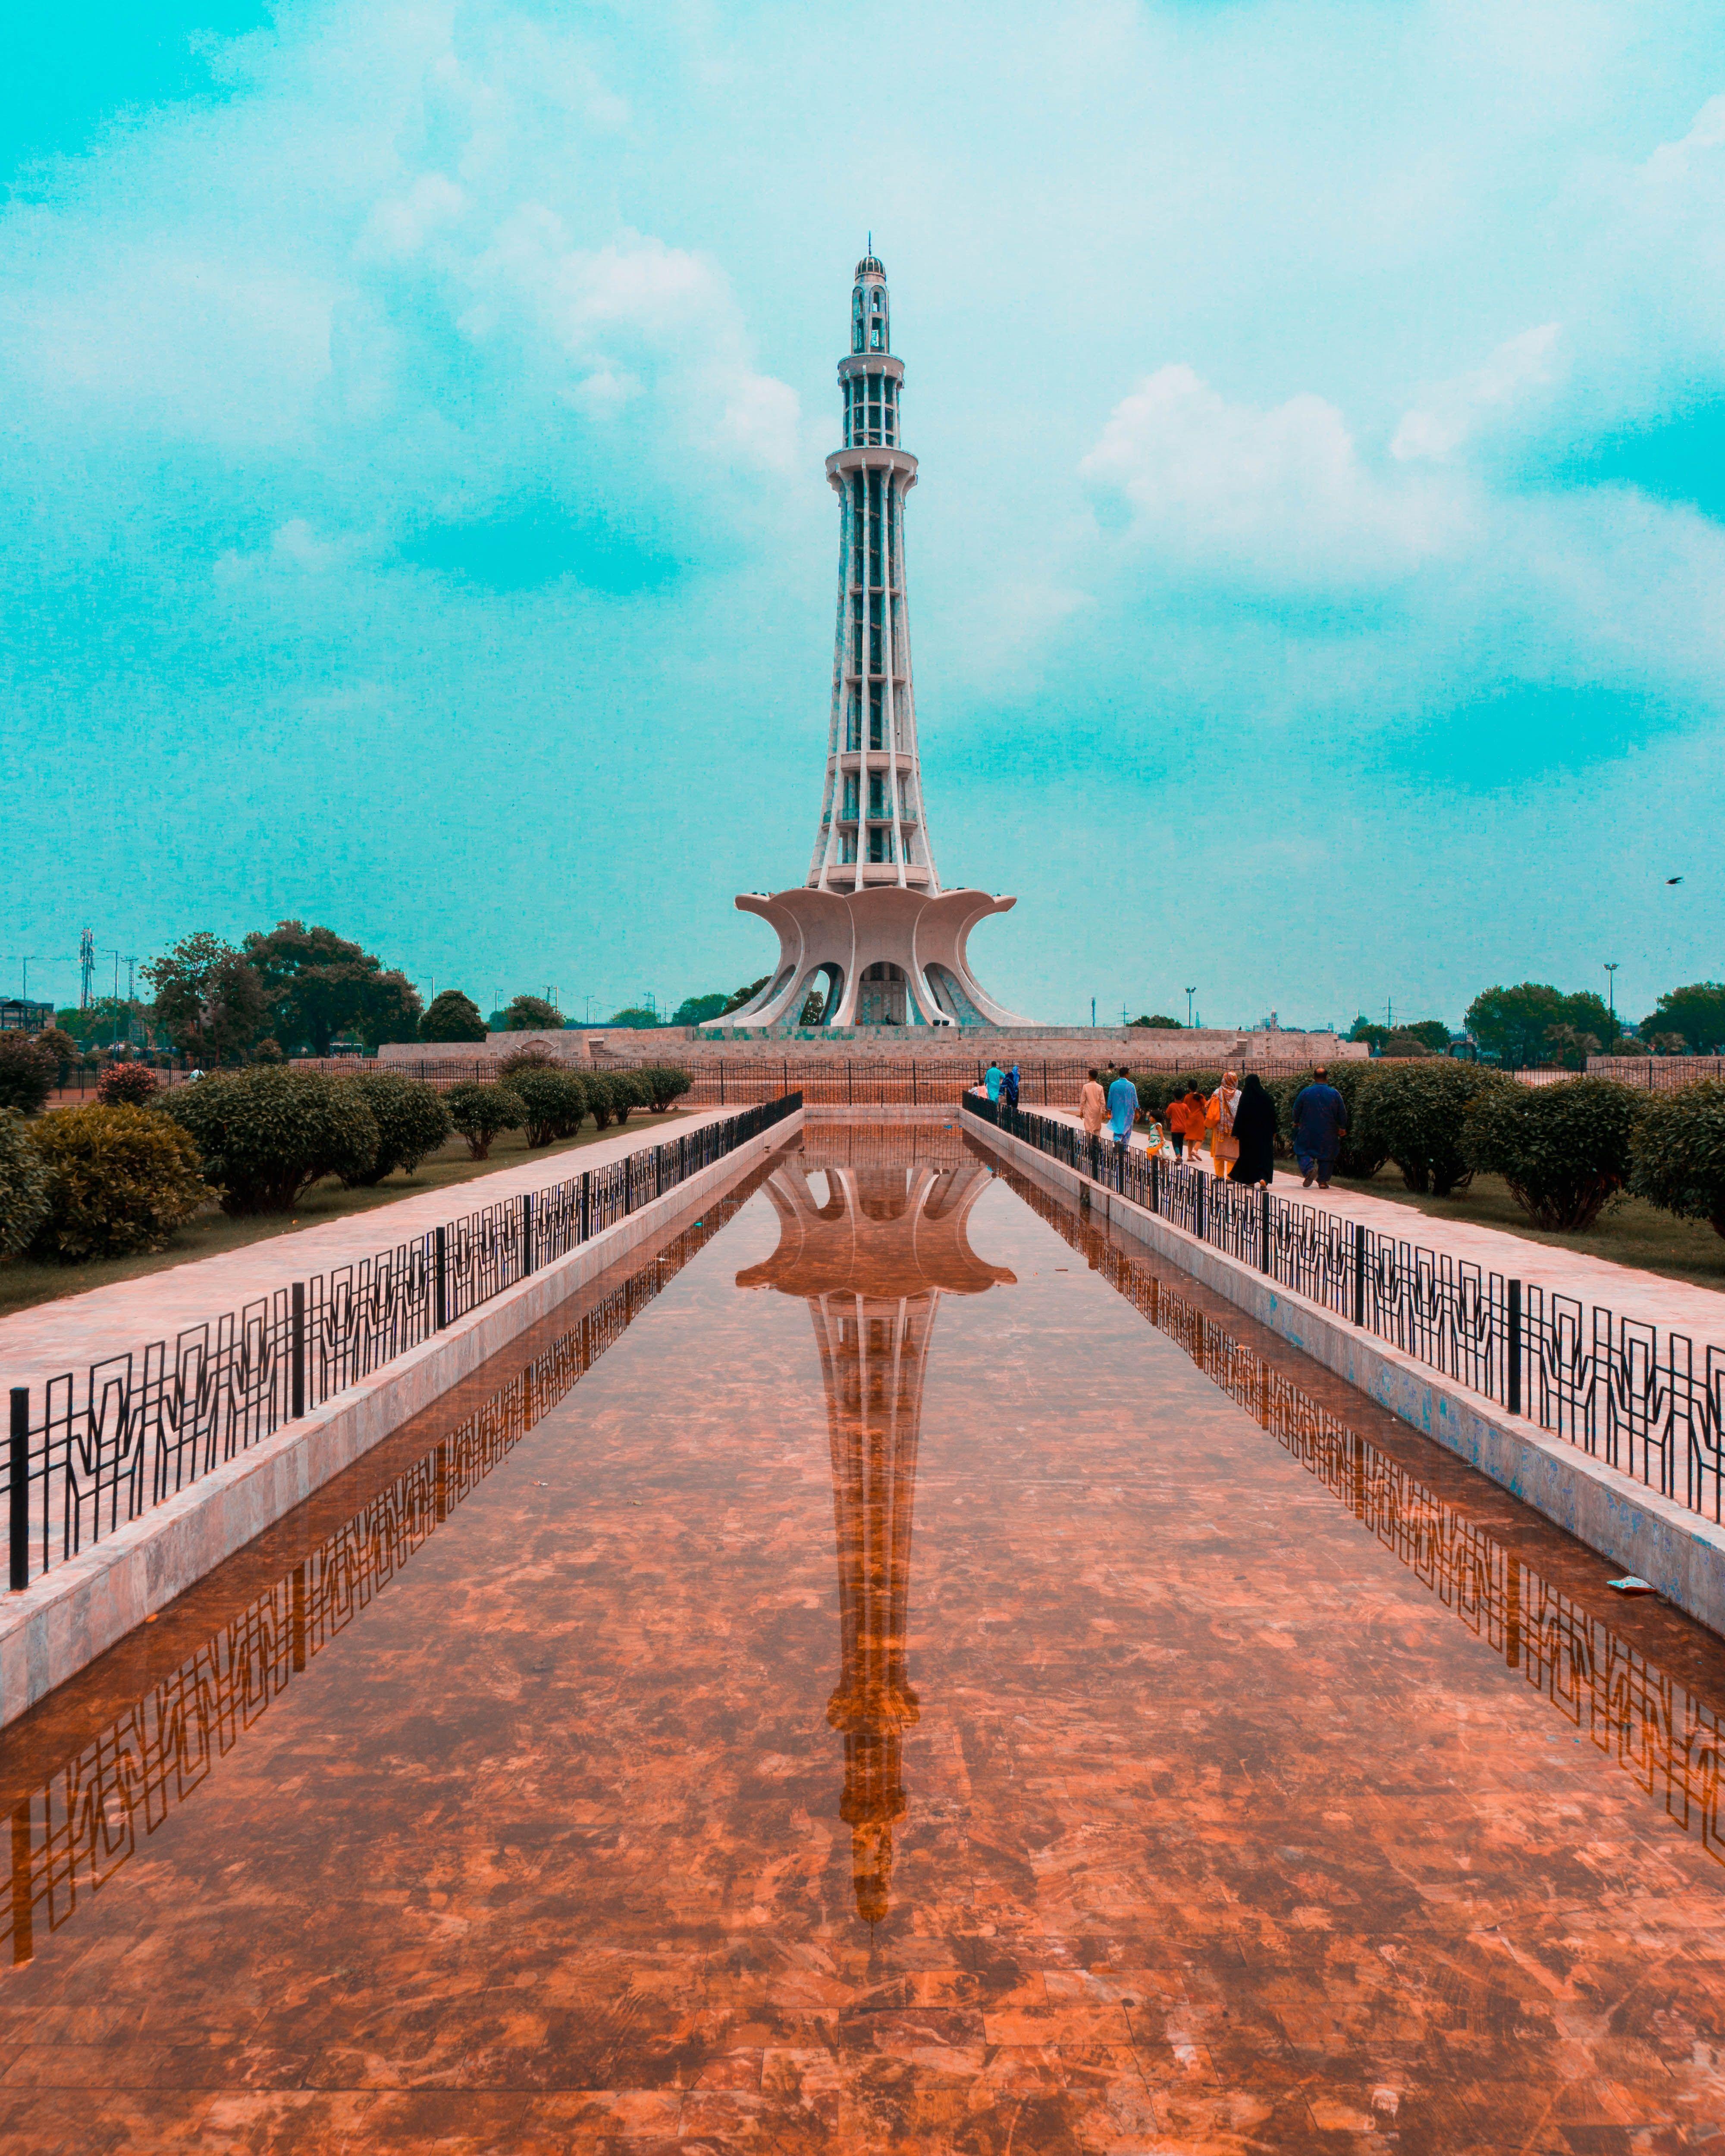 Minar E Pakistan Lahore Pakistan Pakistan Pictures Pakistan Culture Pakistan Travel